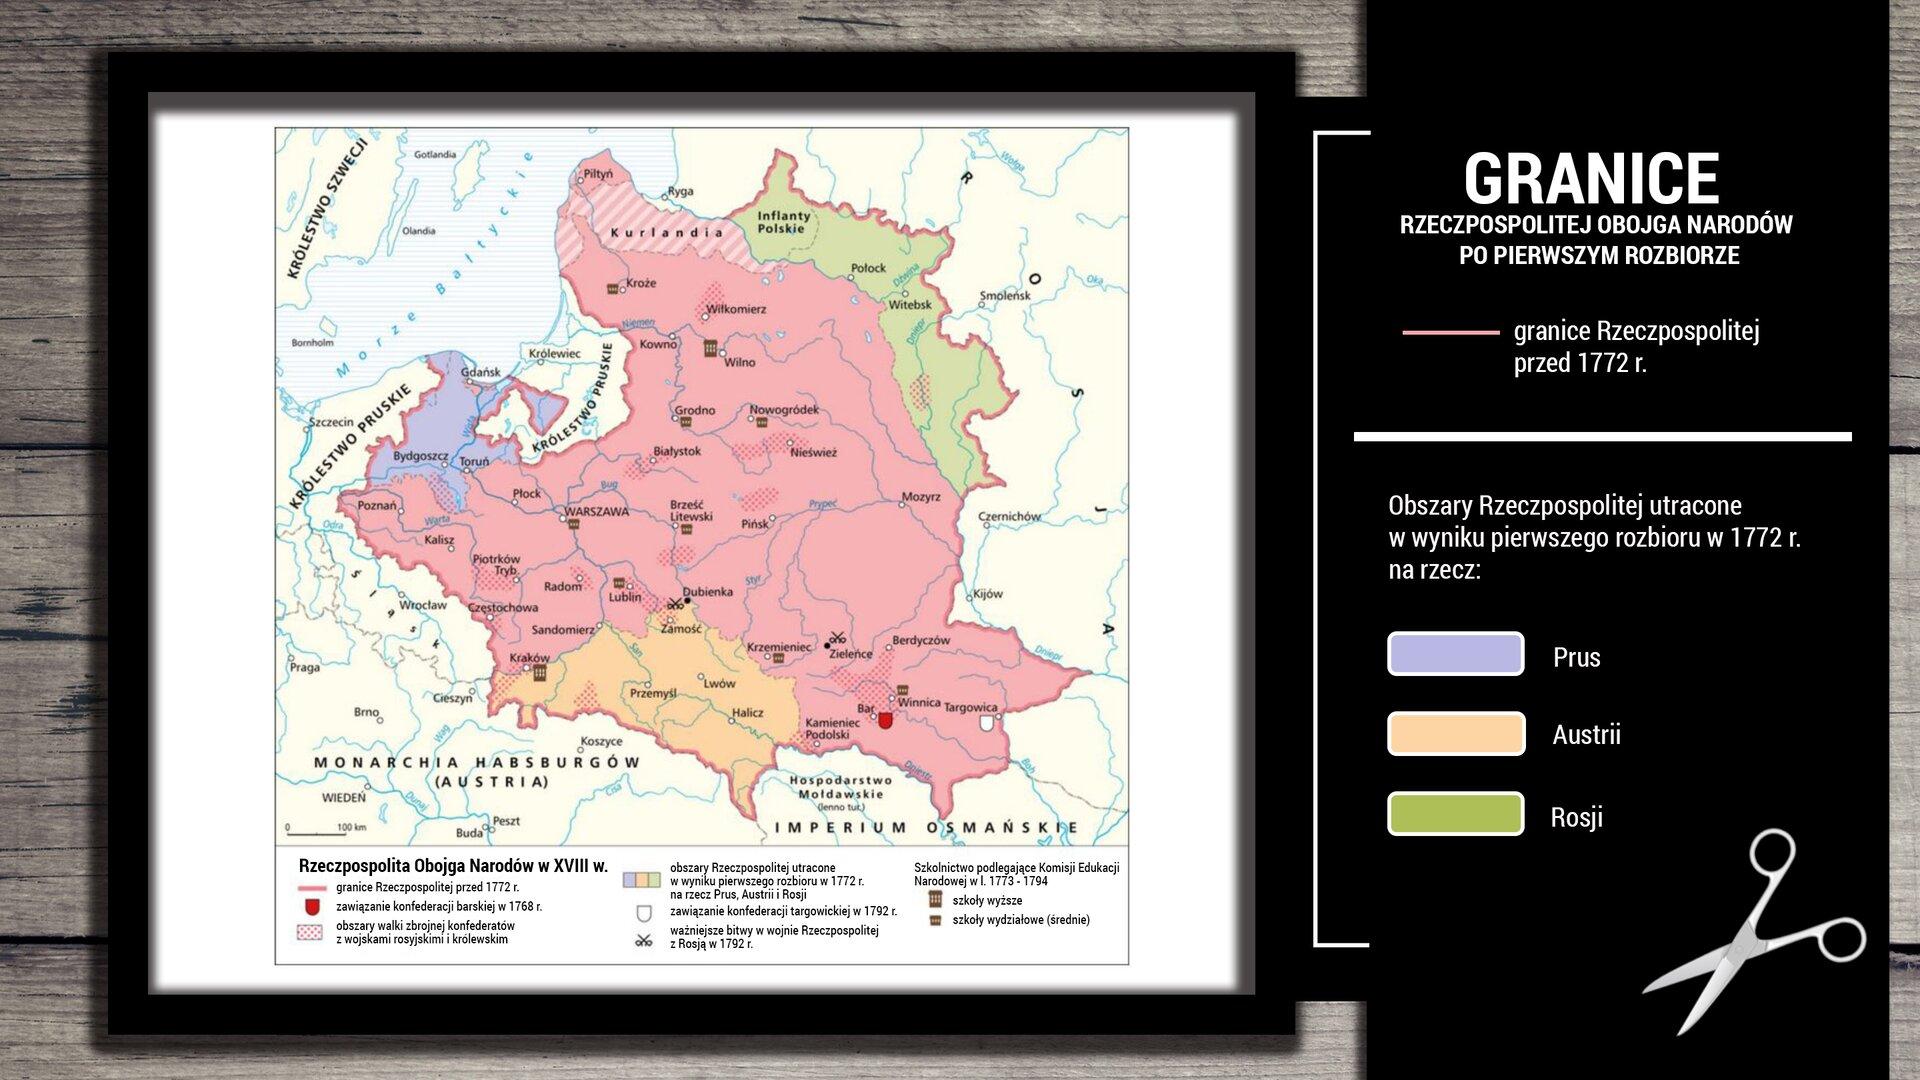 Na zamieszczonej ilustracji znajduje się mapa, która przedstawia granicę Rzeczpospolitej Obojga Narodów wraz zzaznaczonymi terenami, które Rzeczpospolita utraciła po pierwszym rozbiorze. Krainy geograficzne, które wchodziły wskład Rzeczpospolitej Obojga Narodów przed pierwszym rozbiorem w1772 roku to między innymi: Mazowsze, Małopolska, Podlasie, Warmia, Wielkopolska, Litwa iInflanty Polskie. Na mapie zaznaczone są tereny, które Rzeczpospolita straciła wwyniku pierwszego rozbioru. Na fioletowo zaznaczone są Kujawy iPomorze, które zaczęły przynależeć do Prus. Zaznaczony na pomarańczowo południowy rejon Polski (obejmujący między innymi takie miasta jak Przemyśl, Zamość, Lwów) został zawłaszczony przez Austrię. Inflanty Polski zostały zajęte przez Rosję (na mapie zostały zaznaczone zielonym kolorem).